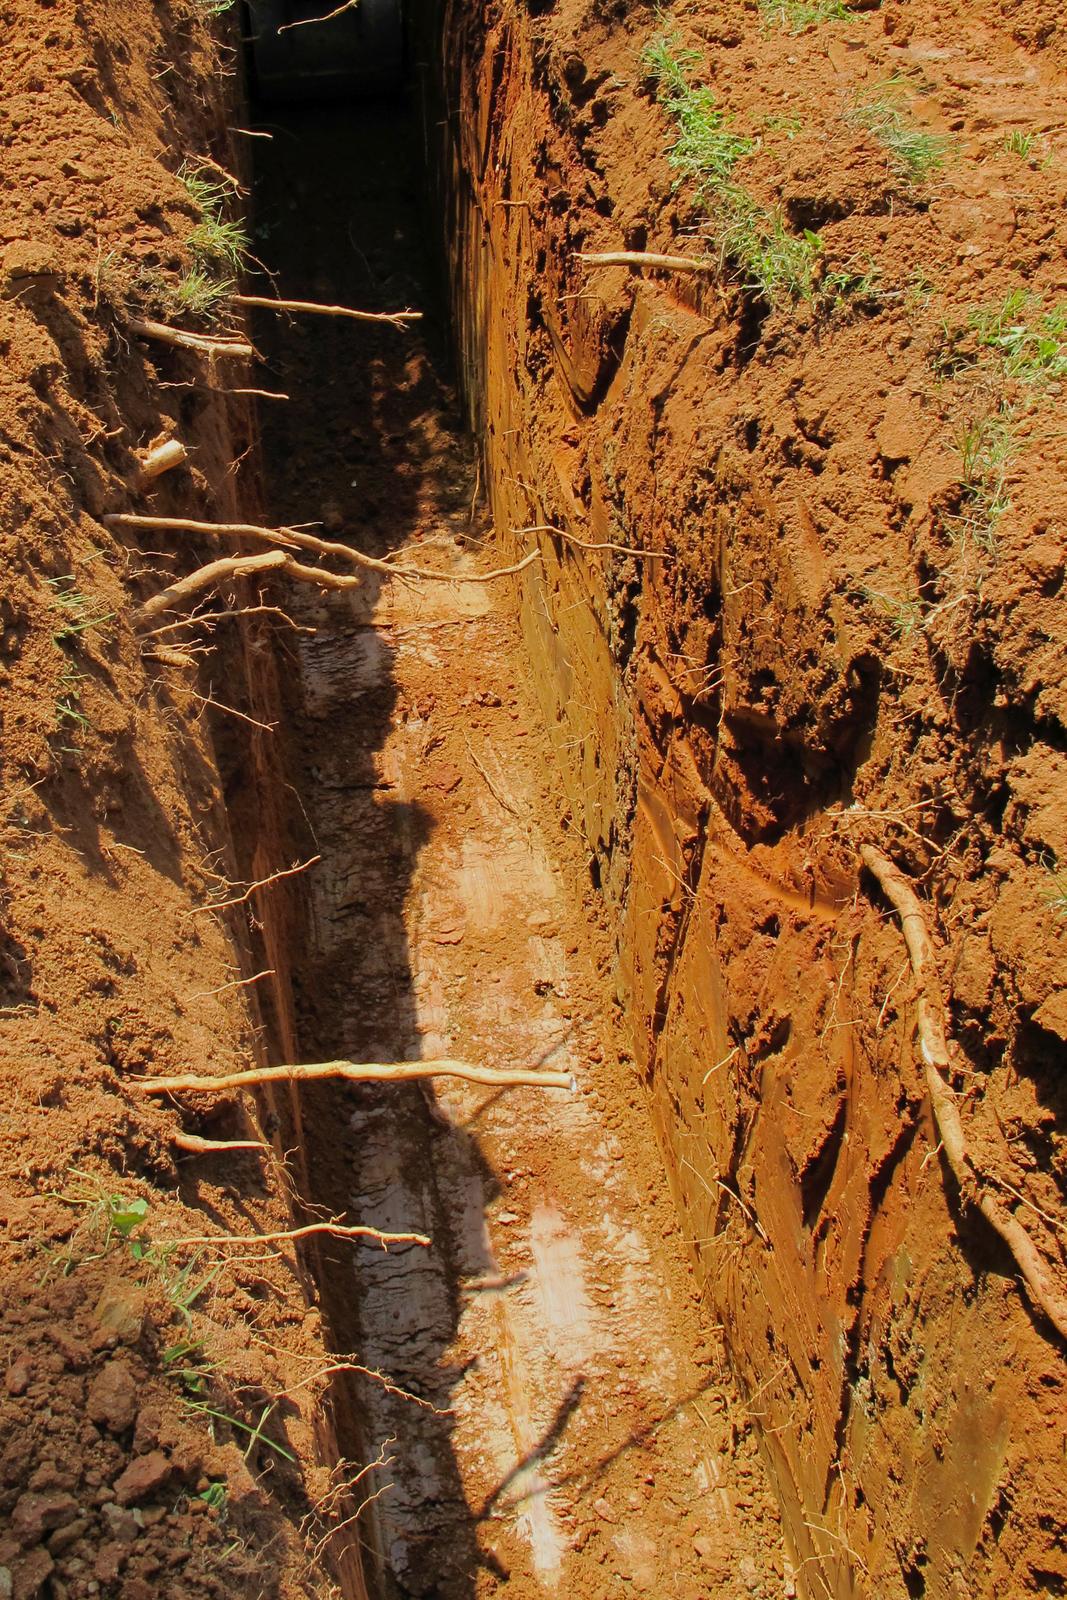 Fotografia przedstawia rów, wykopany wgliniastej, rudej ziemi. Zboków rowu wystają korzenie roślin. Może on stać się pułapką dla płazów, które nie będą mogły się wydostać po wysokich, gładkich ścianach.